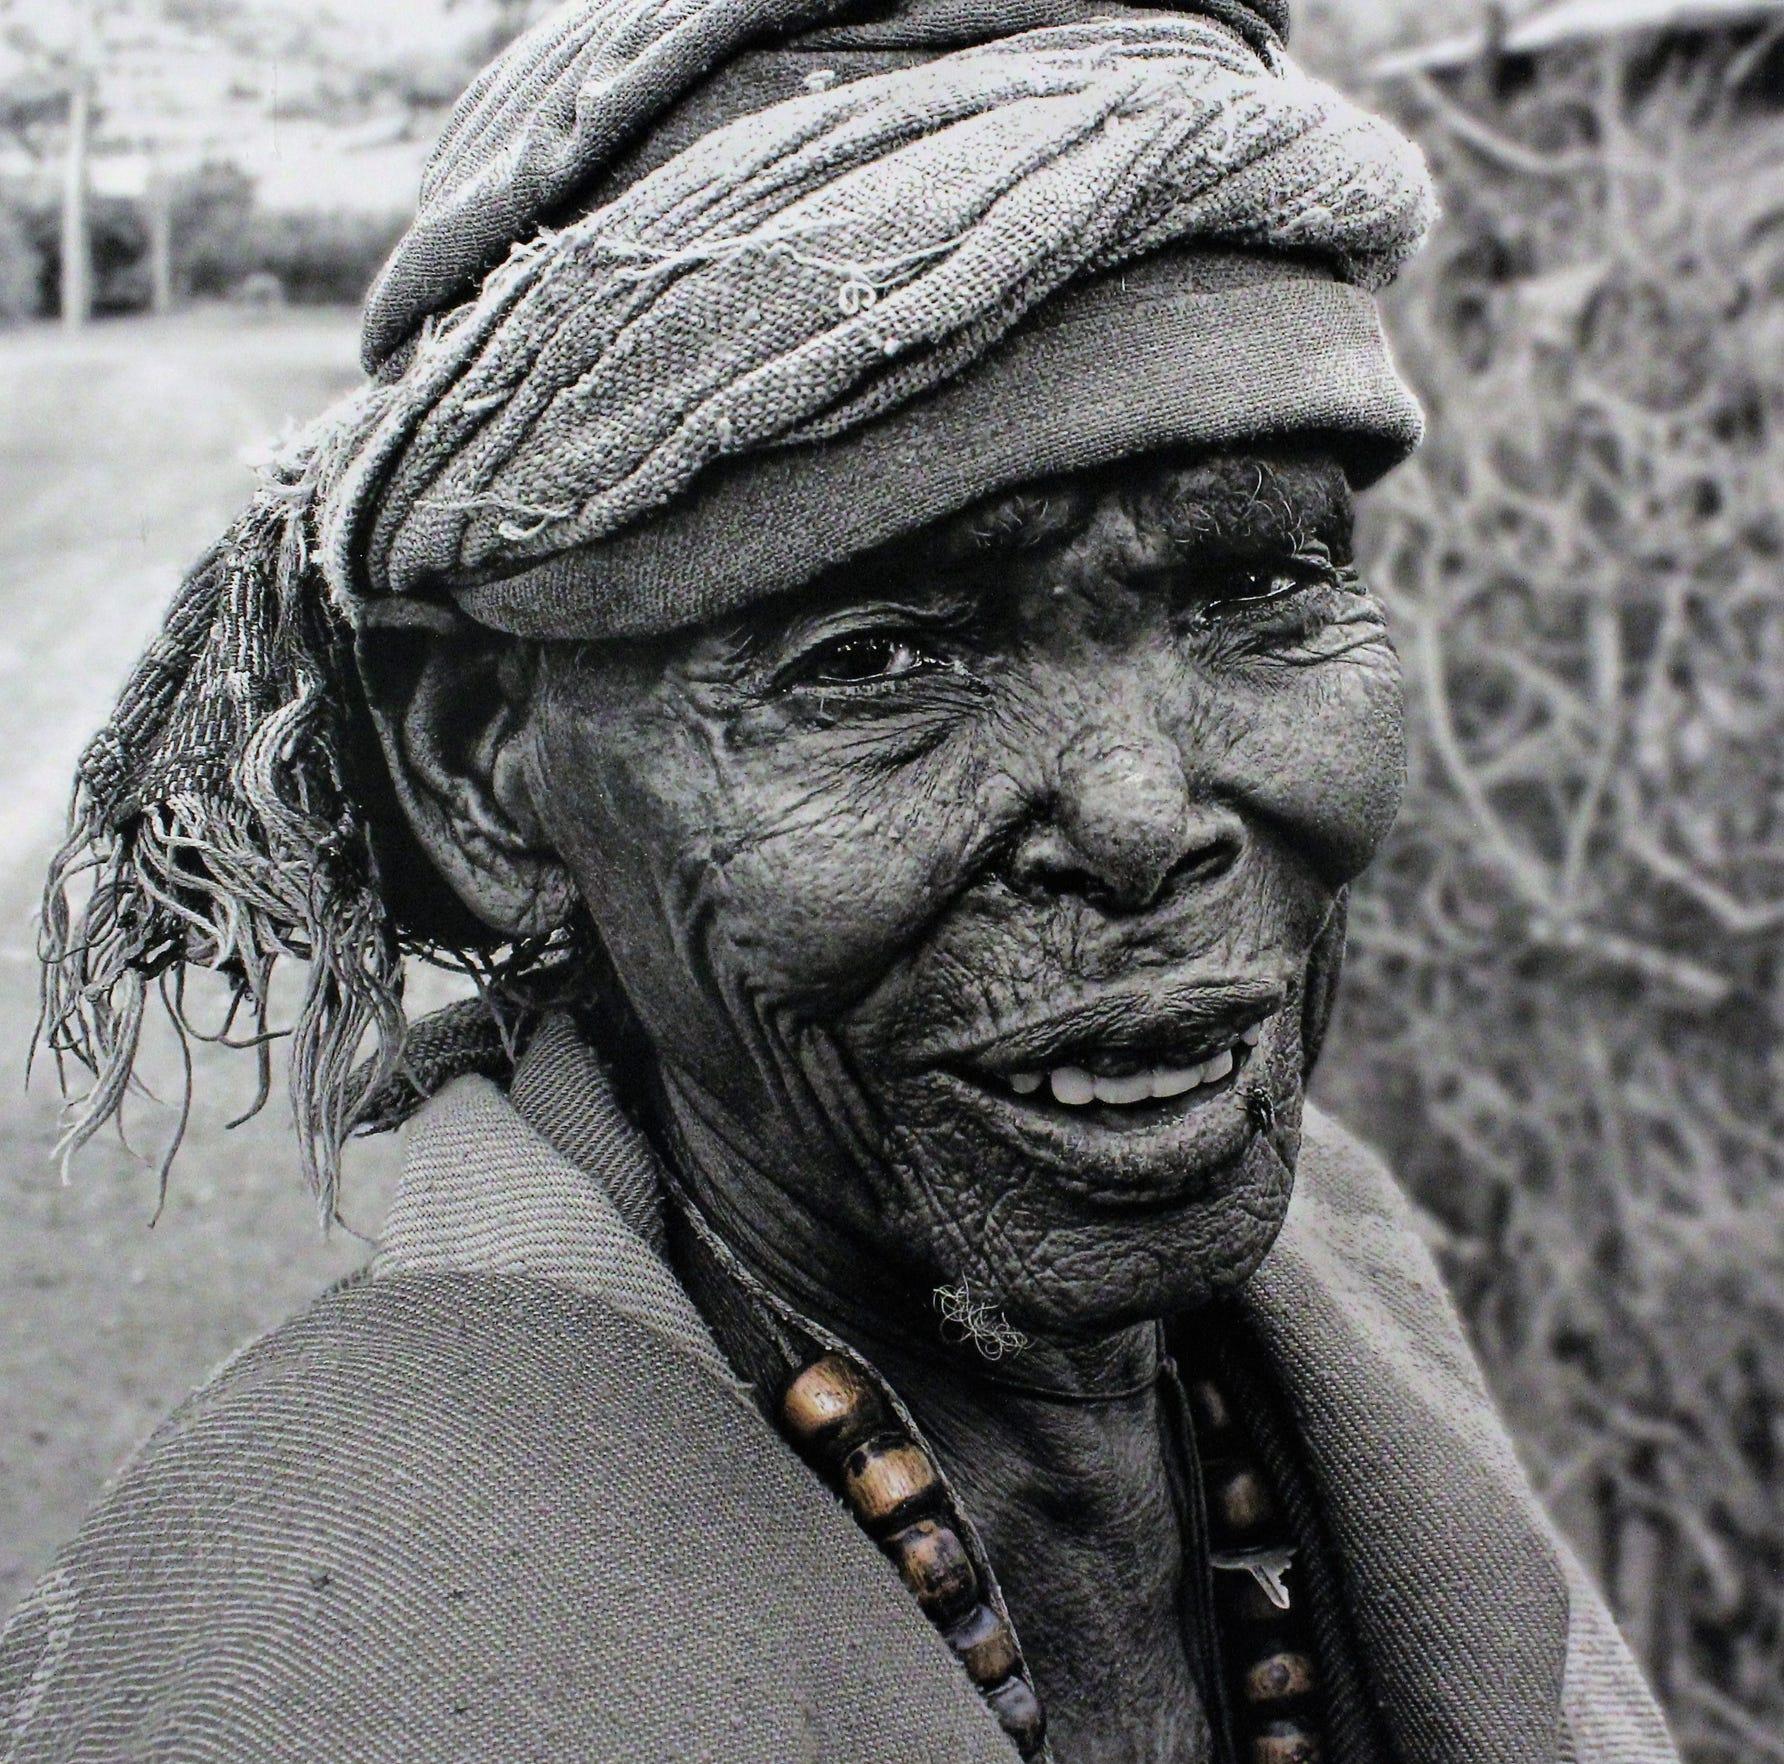 Villager with key, Bilbala, Ethiopia